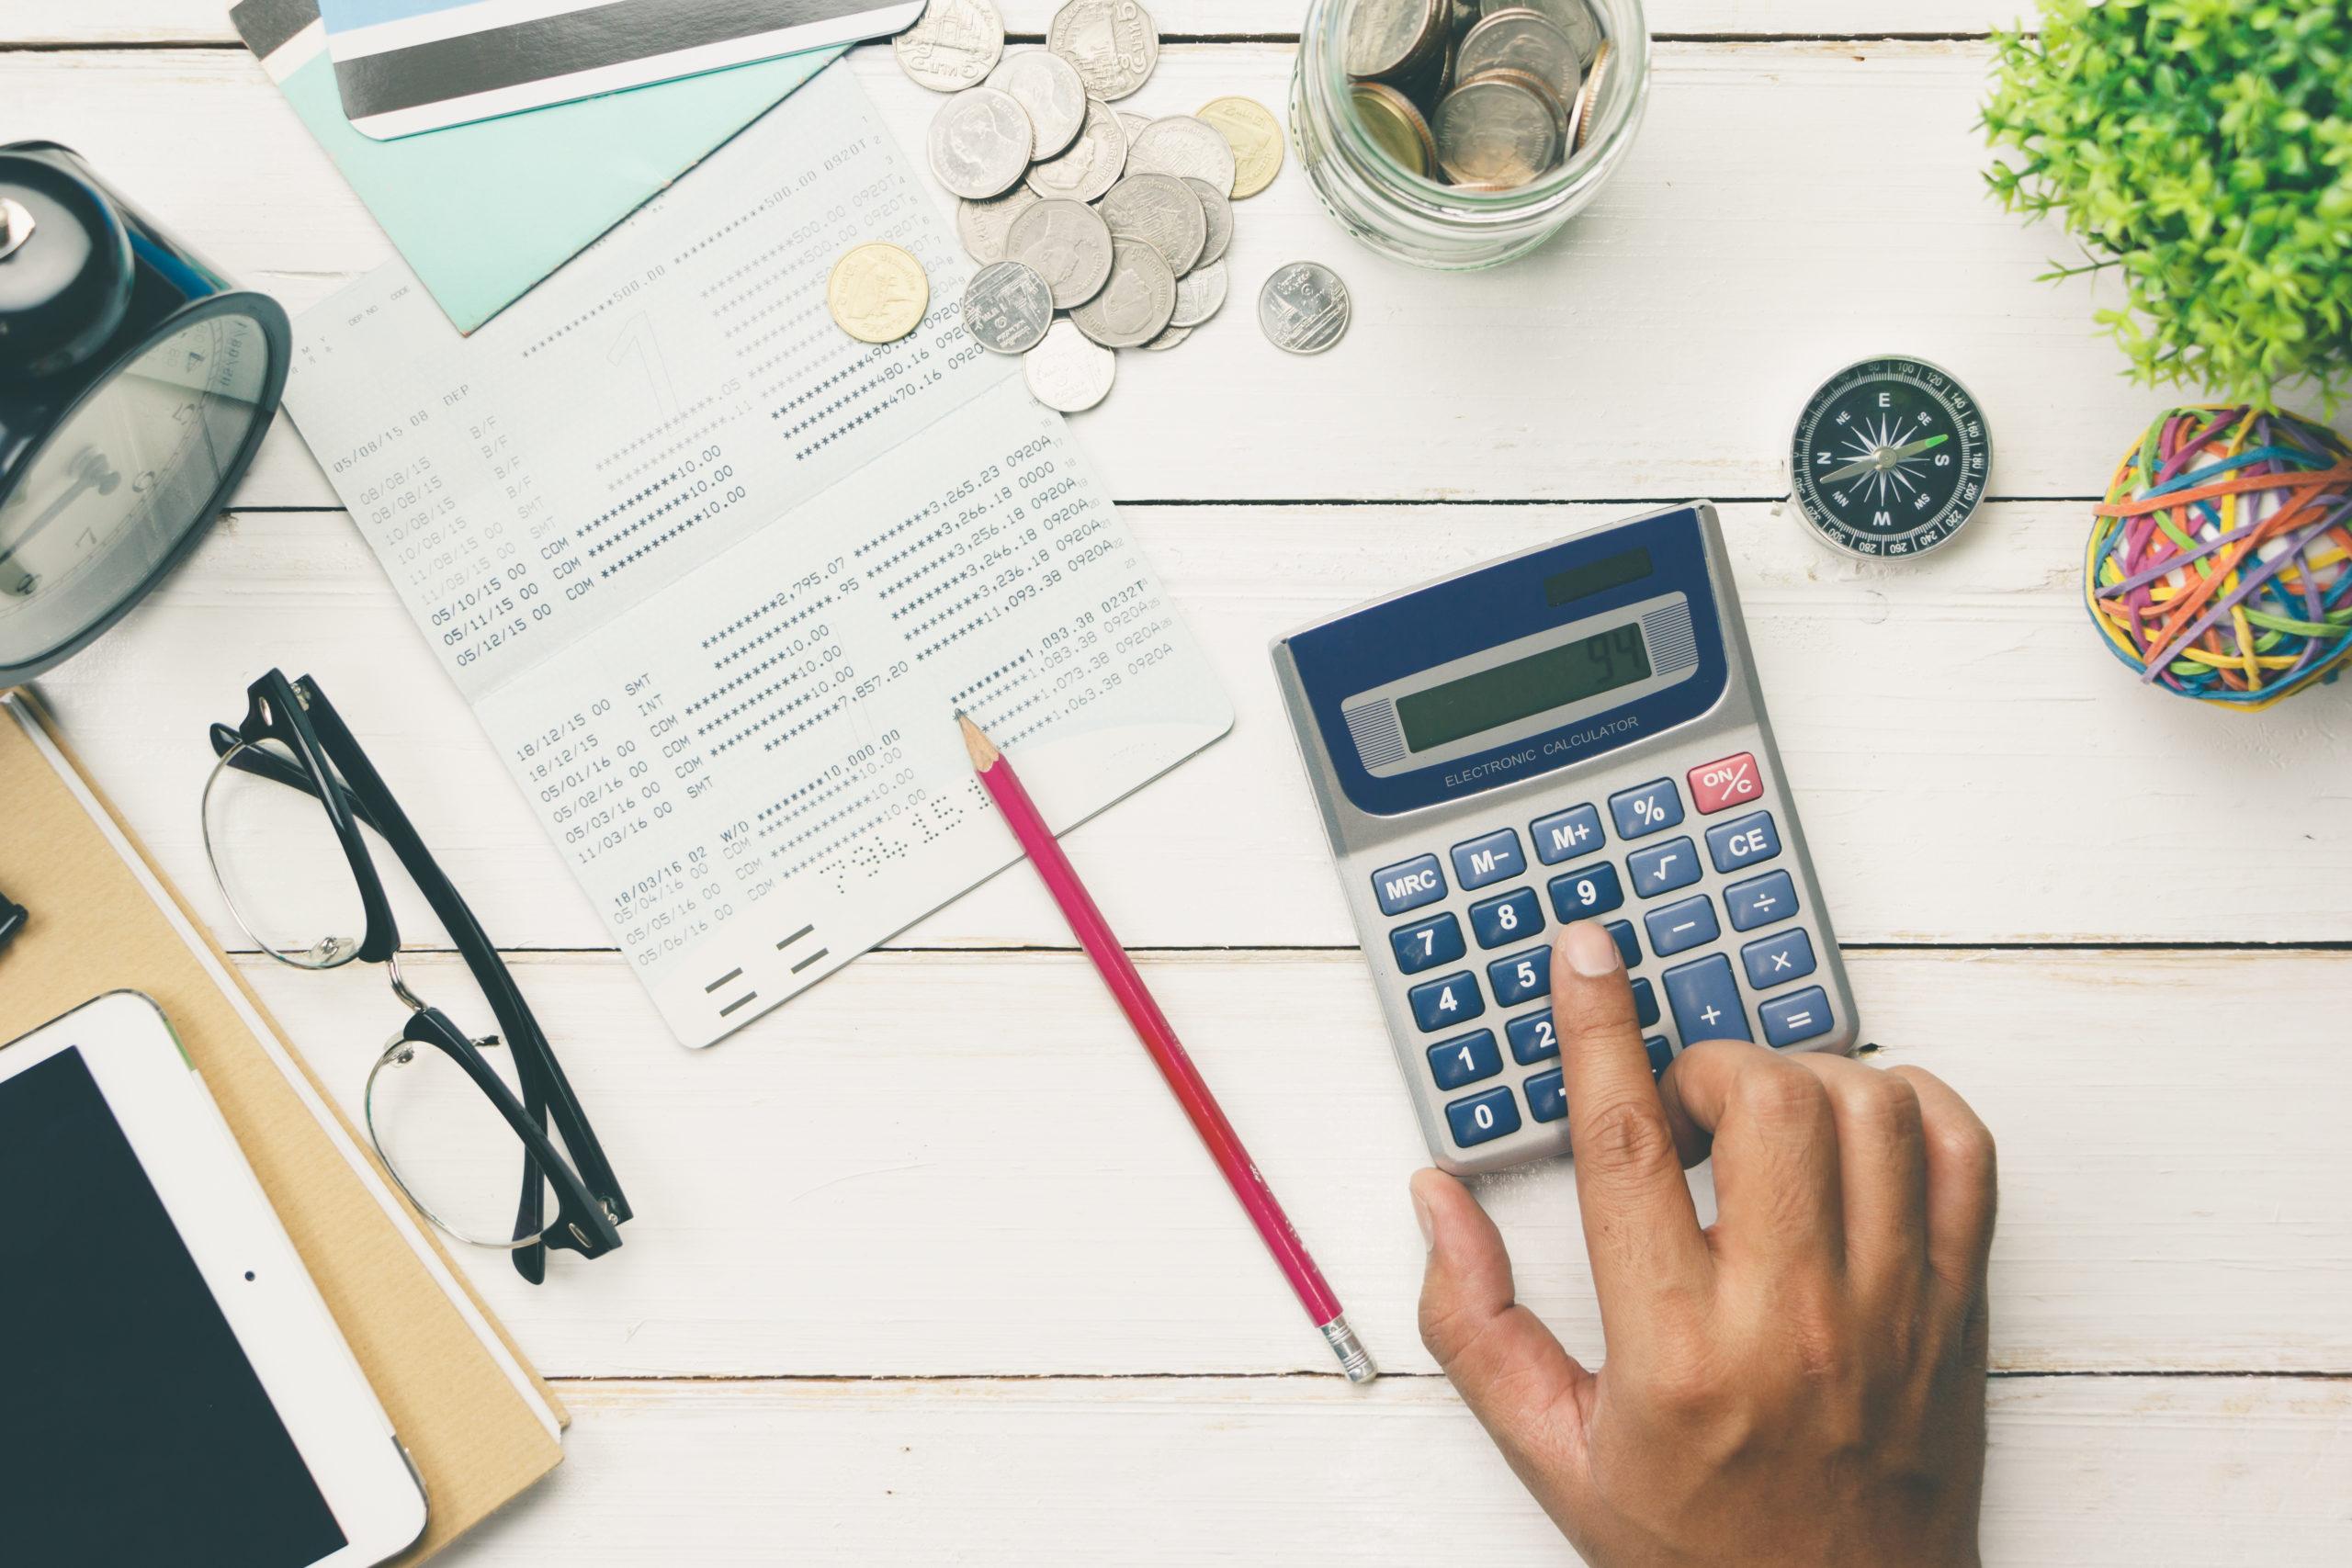 オンラインカジノで1ヶ月に使える金額を計算する